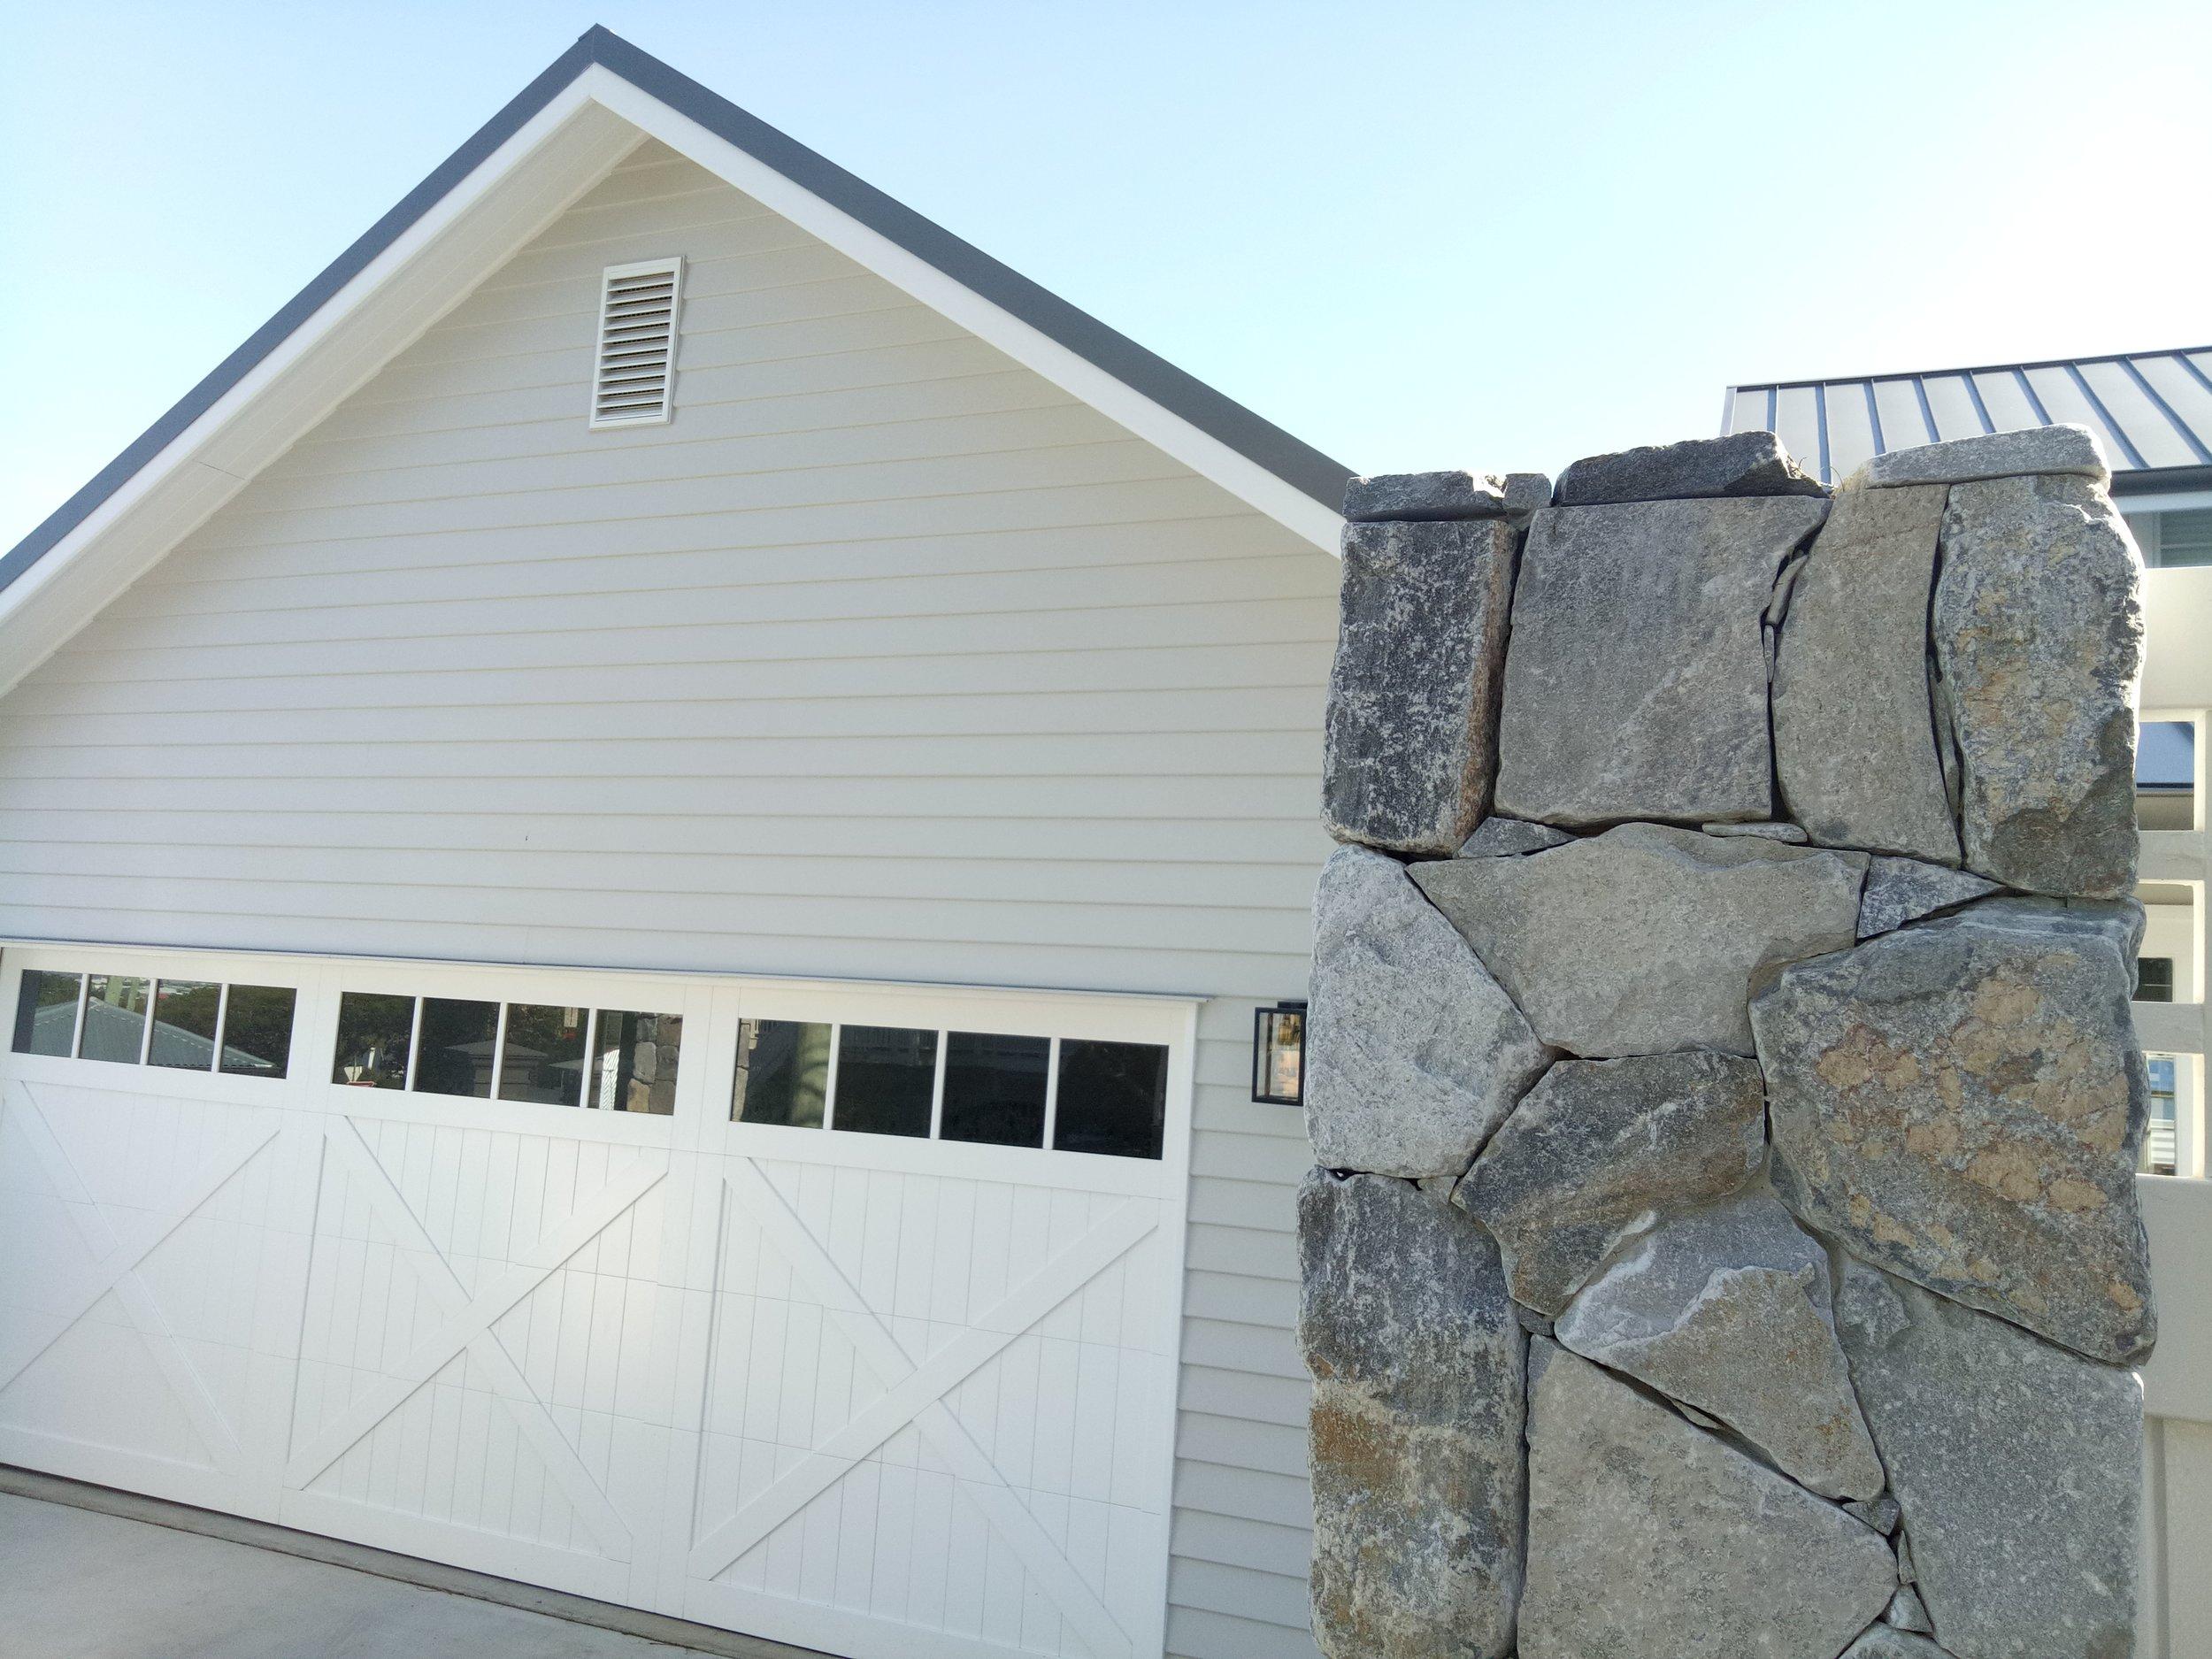 ASCOT HOUSE RENOVATION